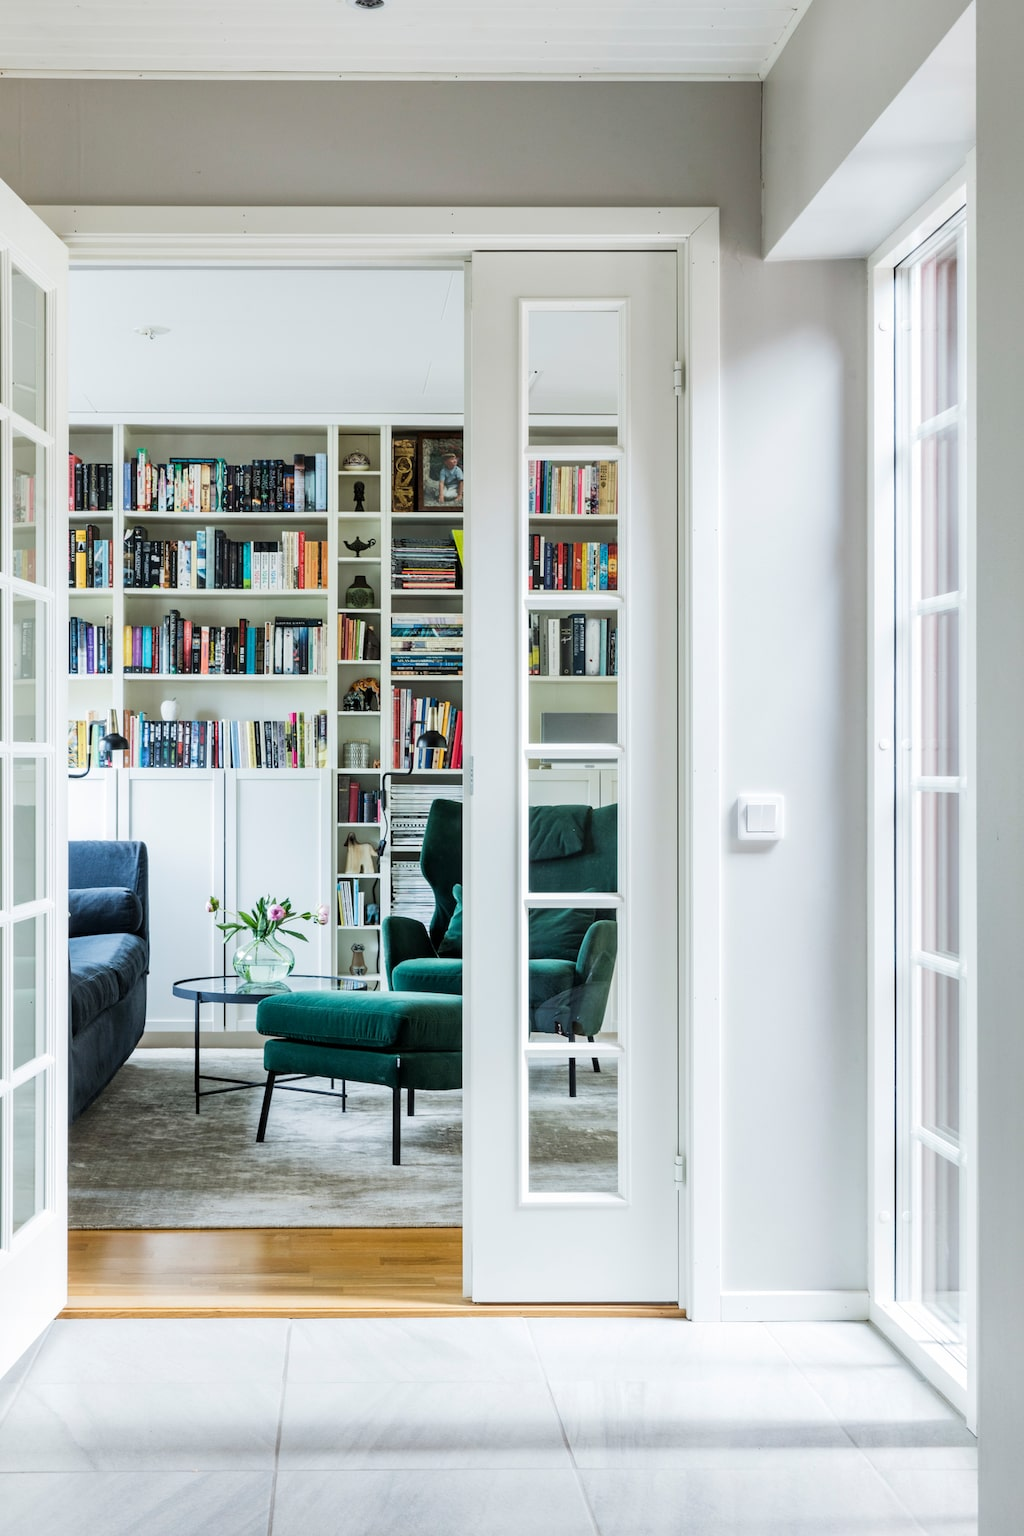 Familjen läser mycket och det finns gott om platser för detta i vardagsrummets läsdel. Soffa, Fogia. Sammetsfåtölj, Room. Matta, Posh Living.